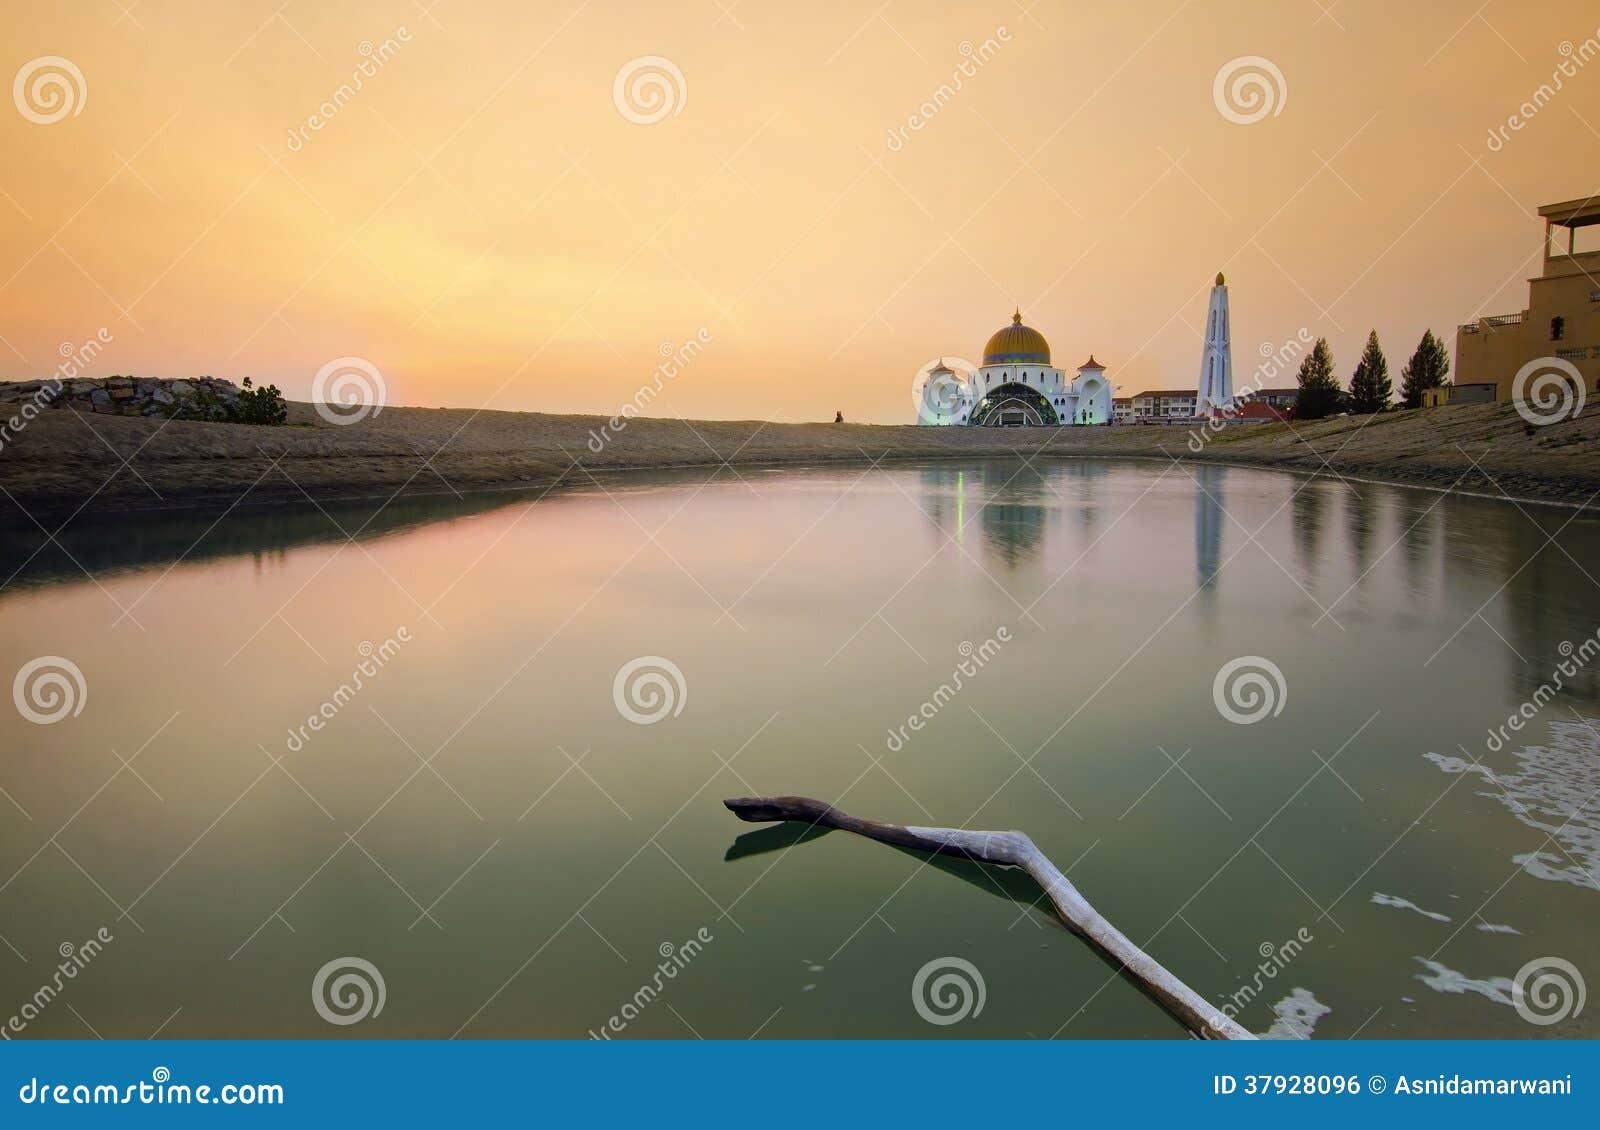 Величественная плавая мечеть на проливах Малаккы во время захода солнца